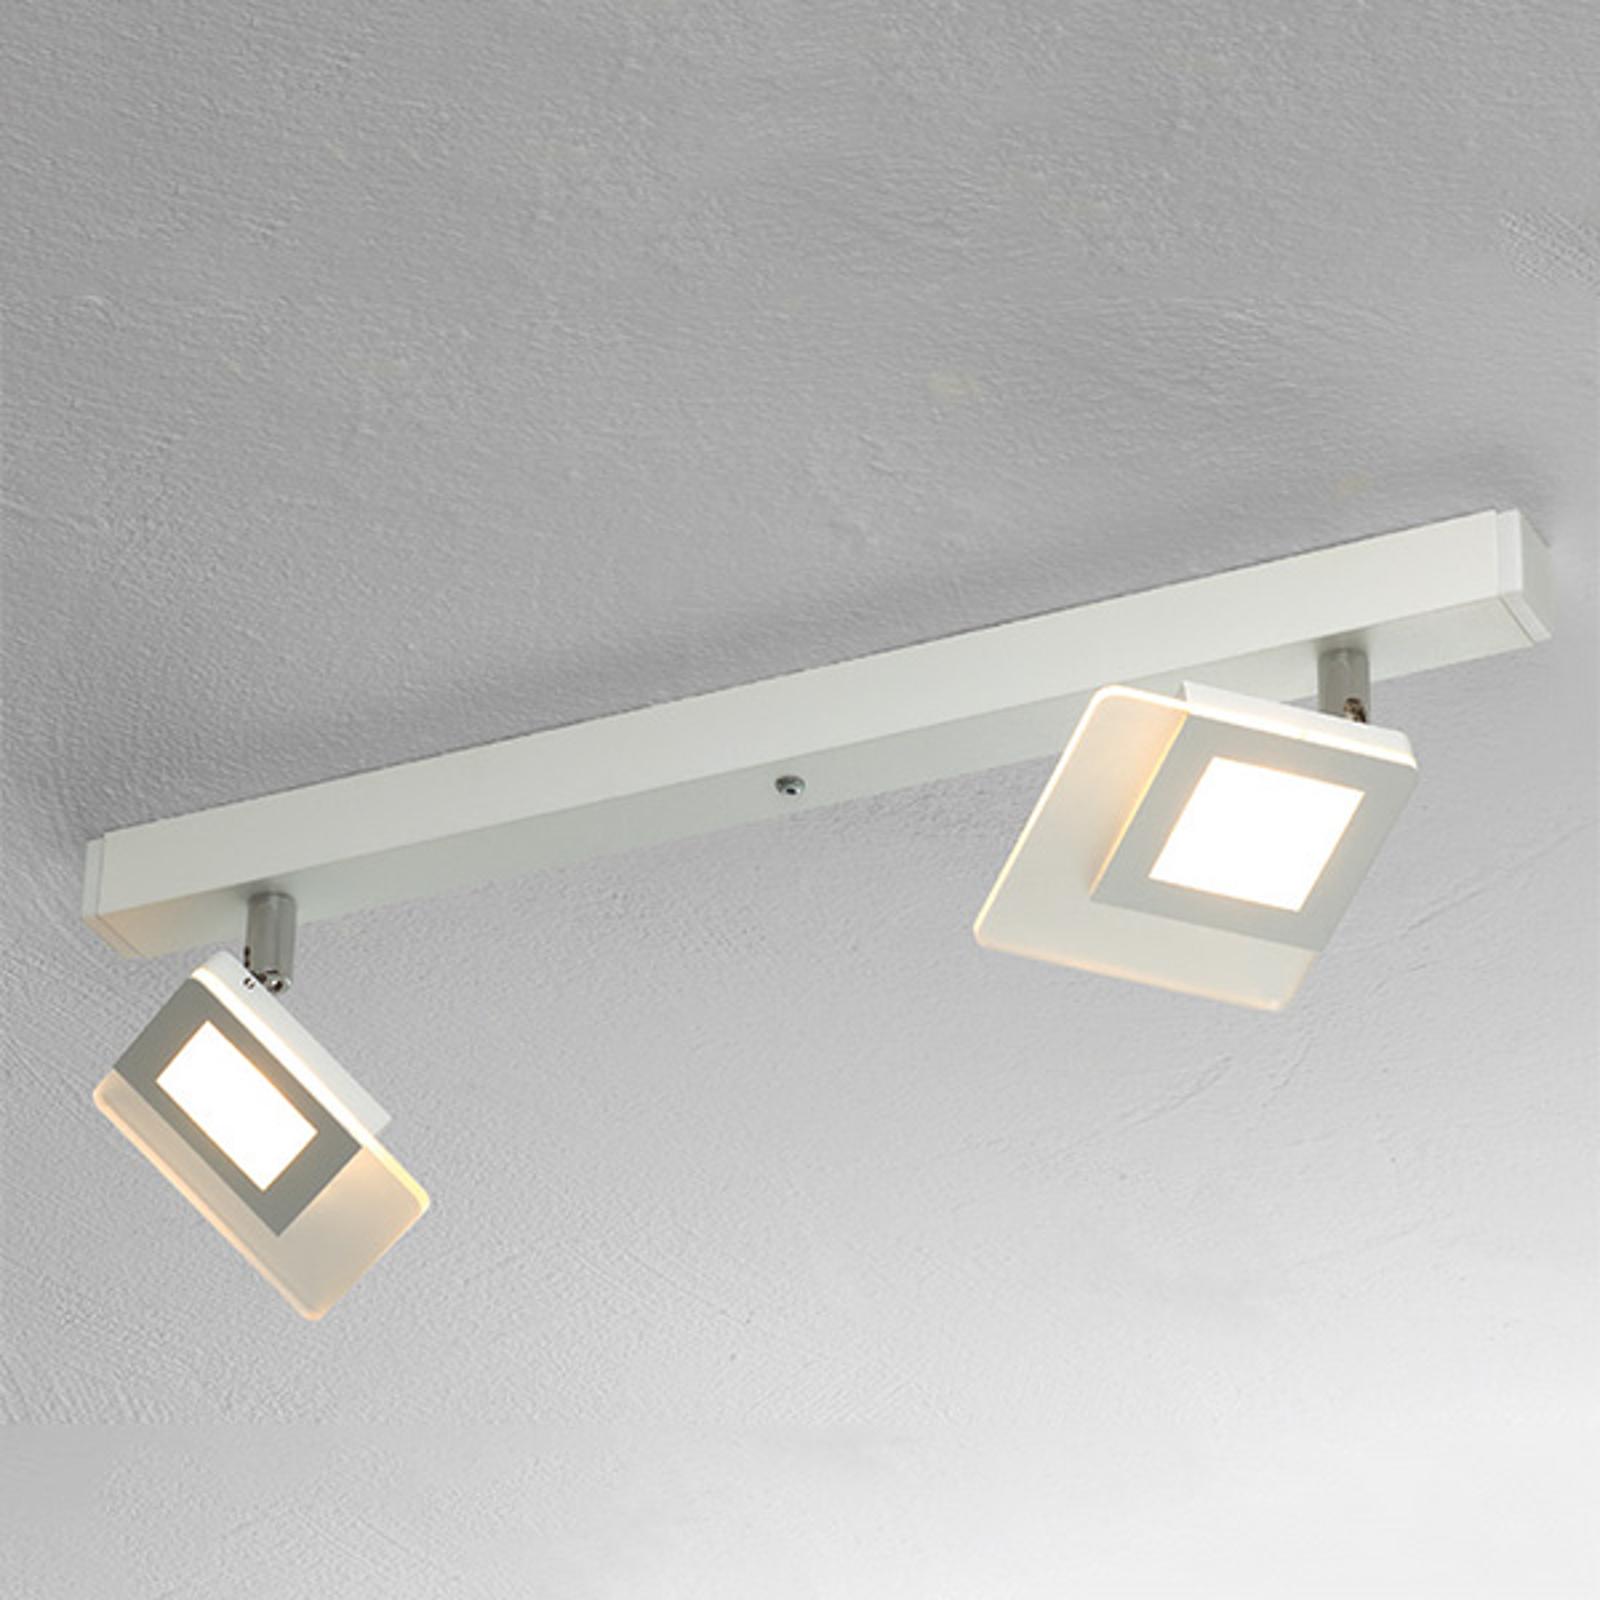 Kaunis LED-kattovalaisin Line valk. 2-lamppuinen